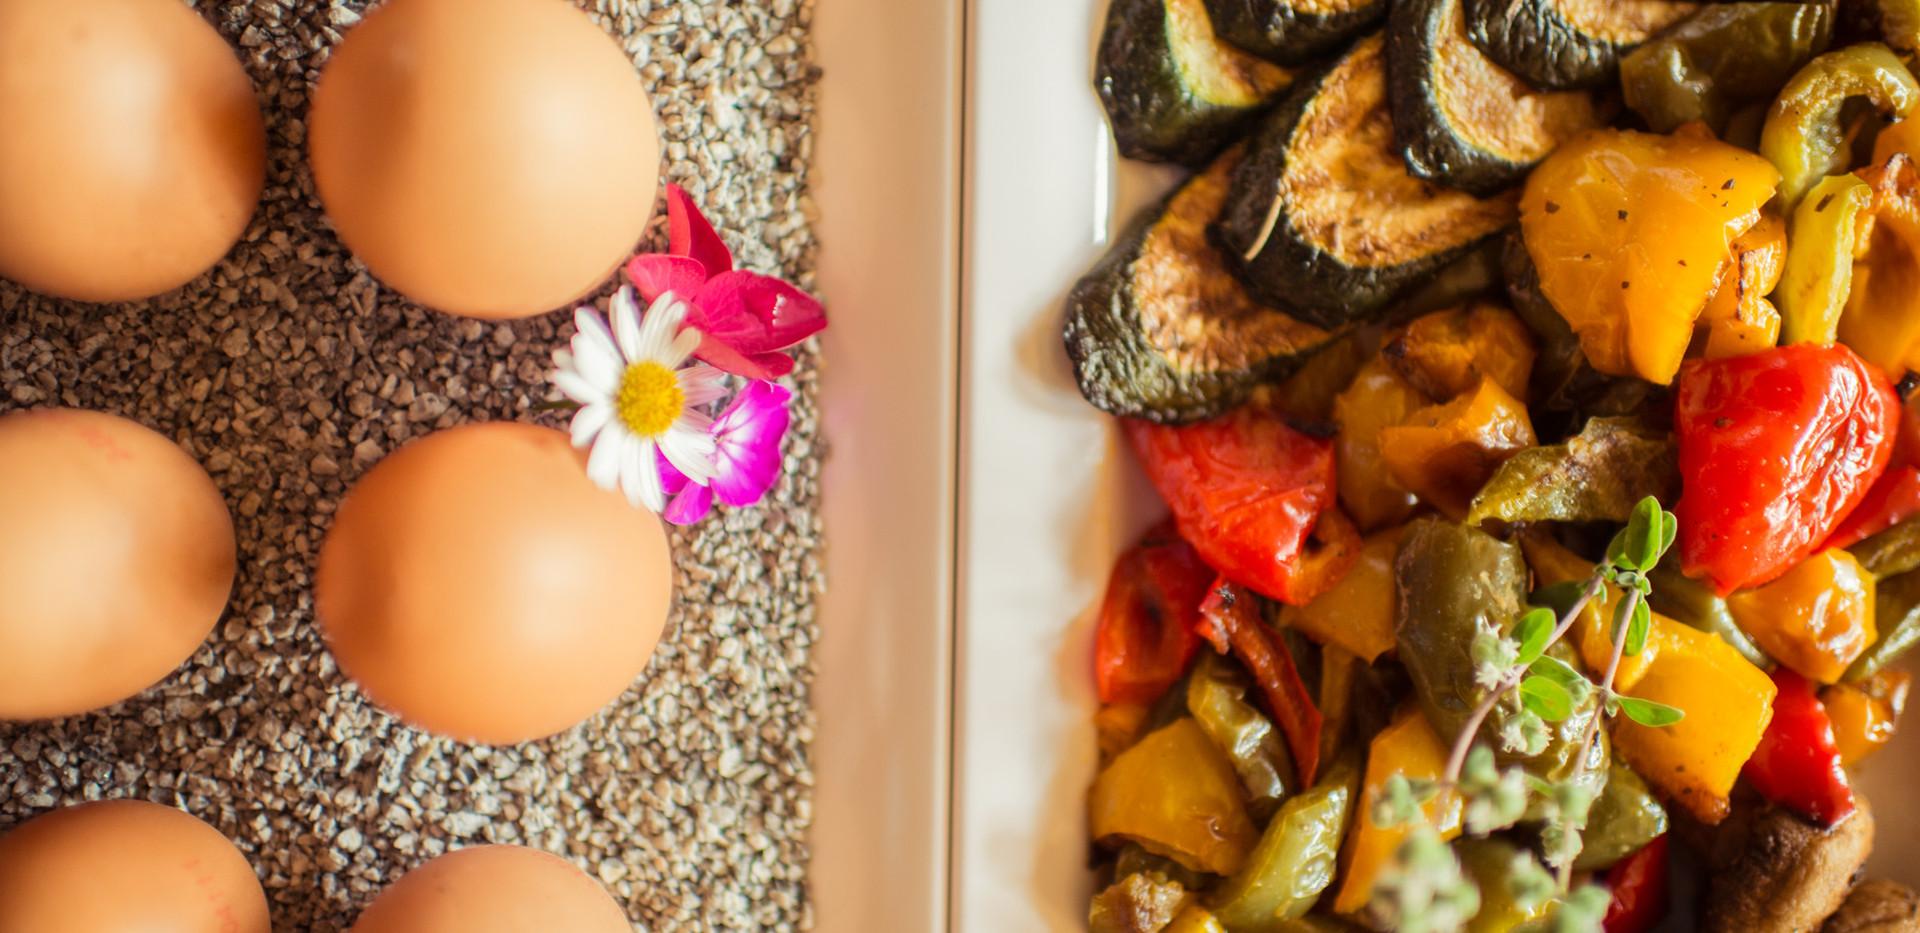 Pfannengemüse und warme Speisen am Buffet Frühstücks-Manufaktur